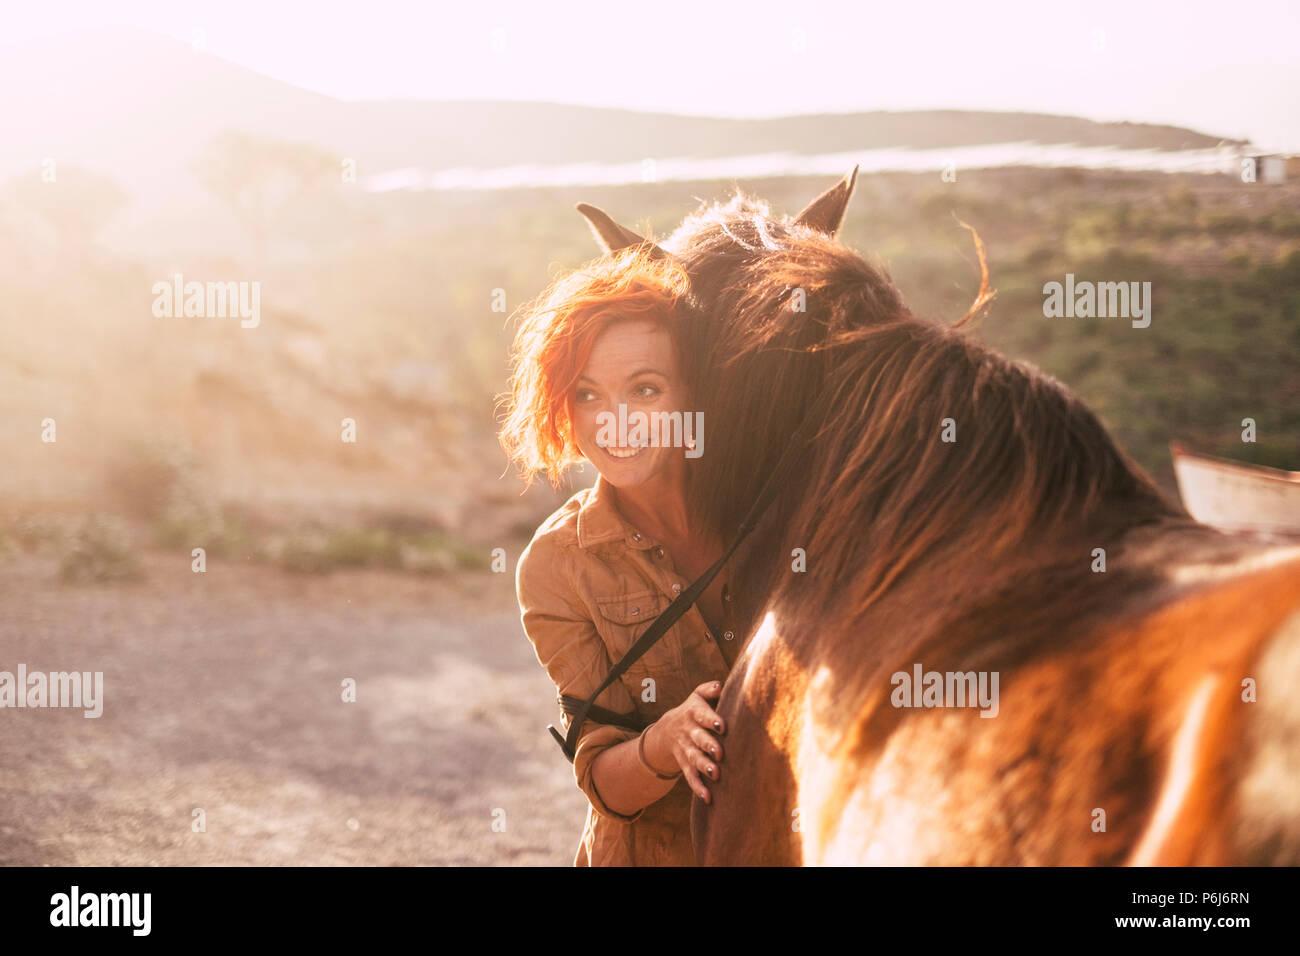 Capelli rossi bella signora alternativa abbraccio i suoi migliori amici cavallo animale durante il tramonto nel lato del paese. retroilluminazione in background e il concetto di amore, Immagini Stock